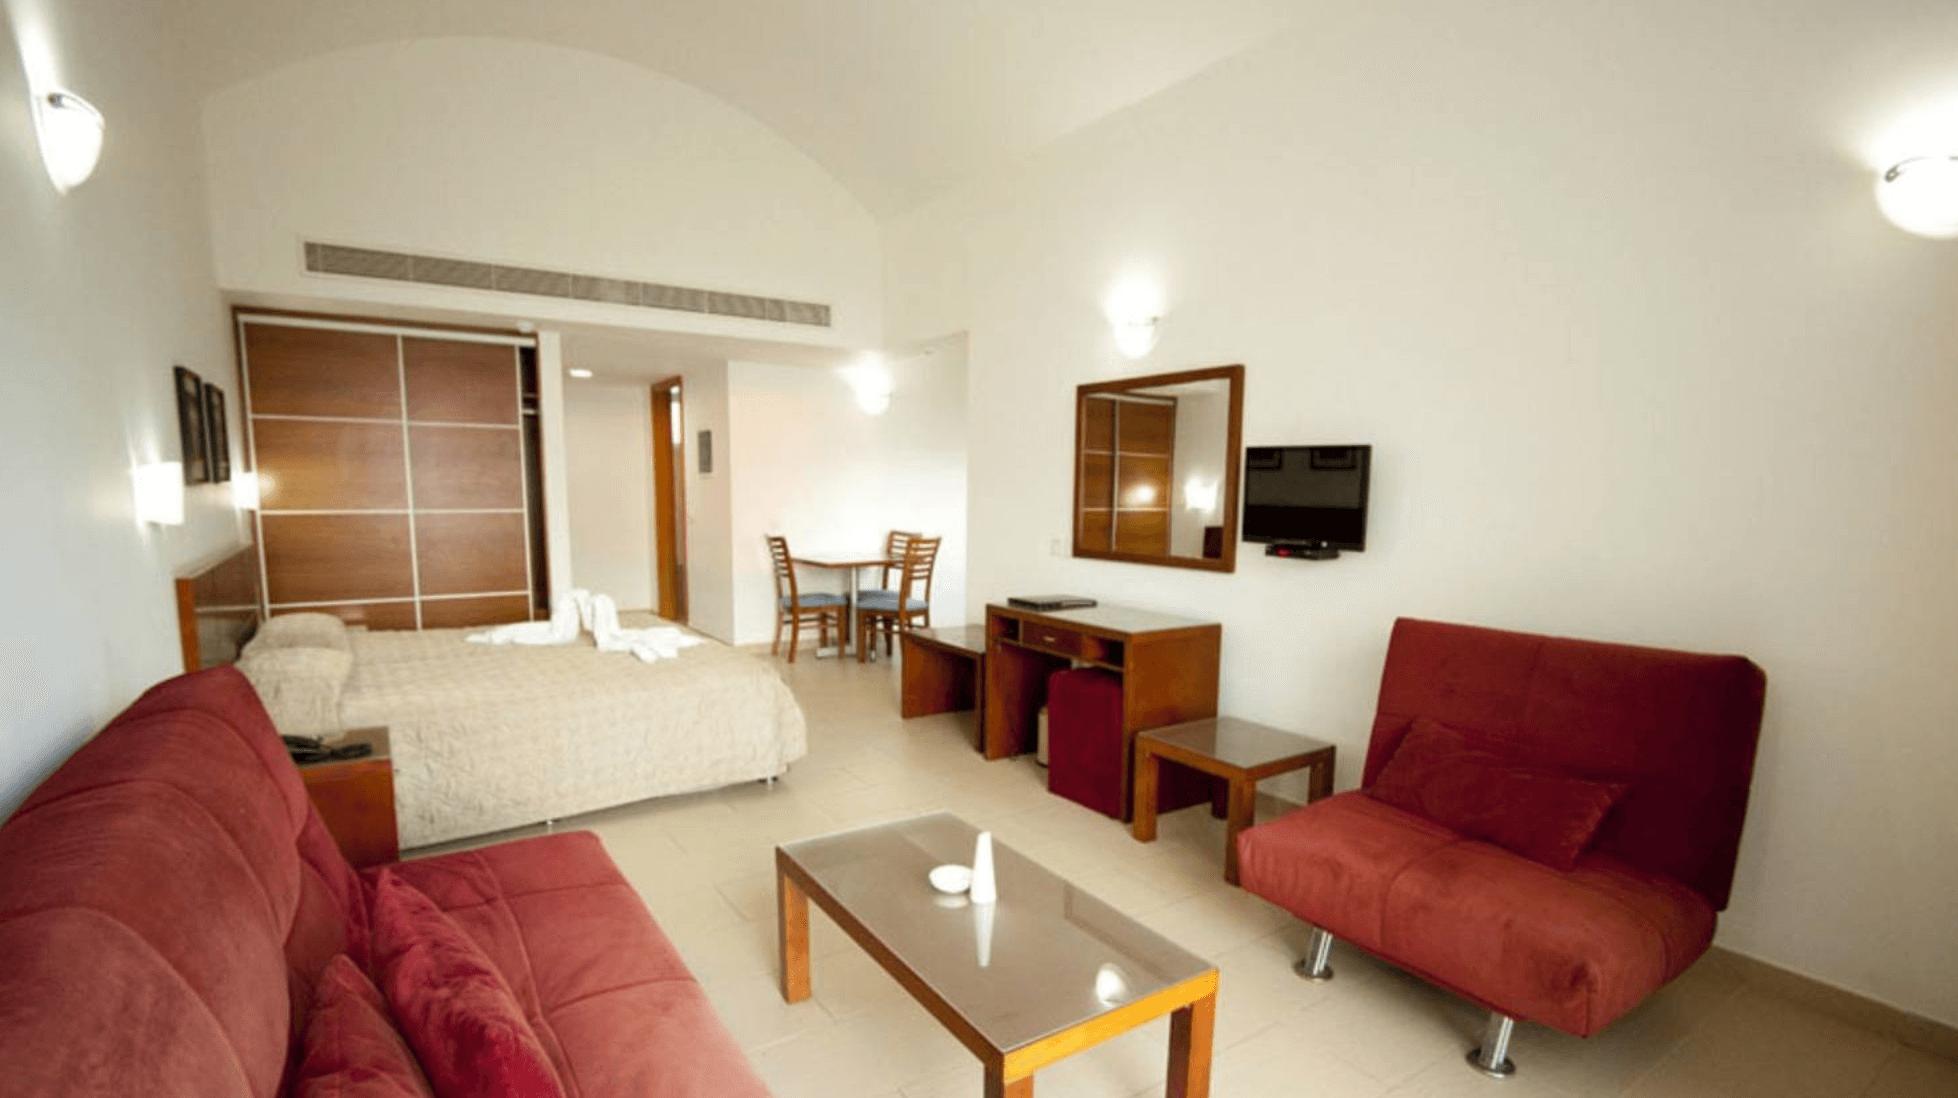 Тур в Пафос в отель Theo Sunset Bay Holiday Village 4* (Кипр) на 14 ночей с 18.05.19 от 88 576 рублей (BB) на двоих